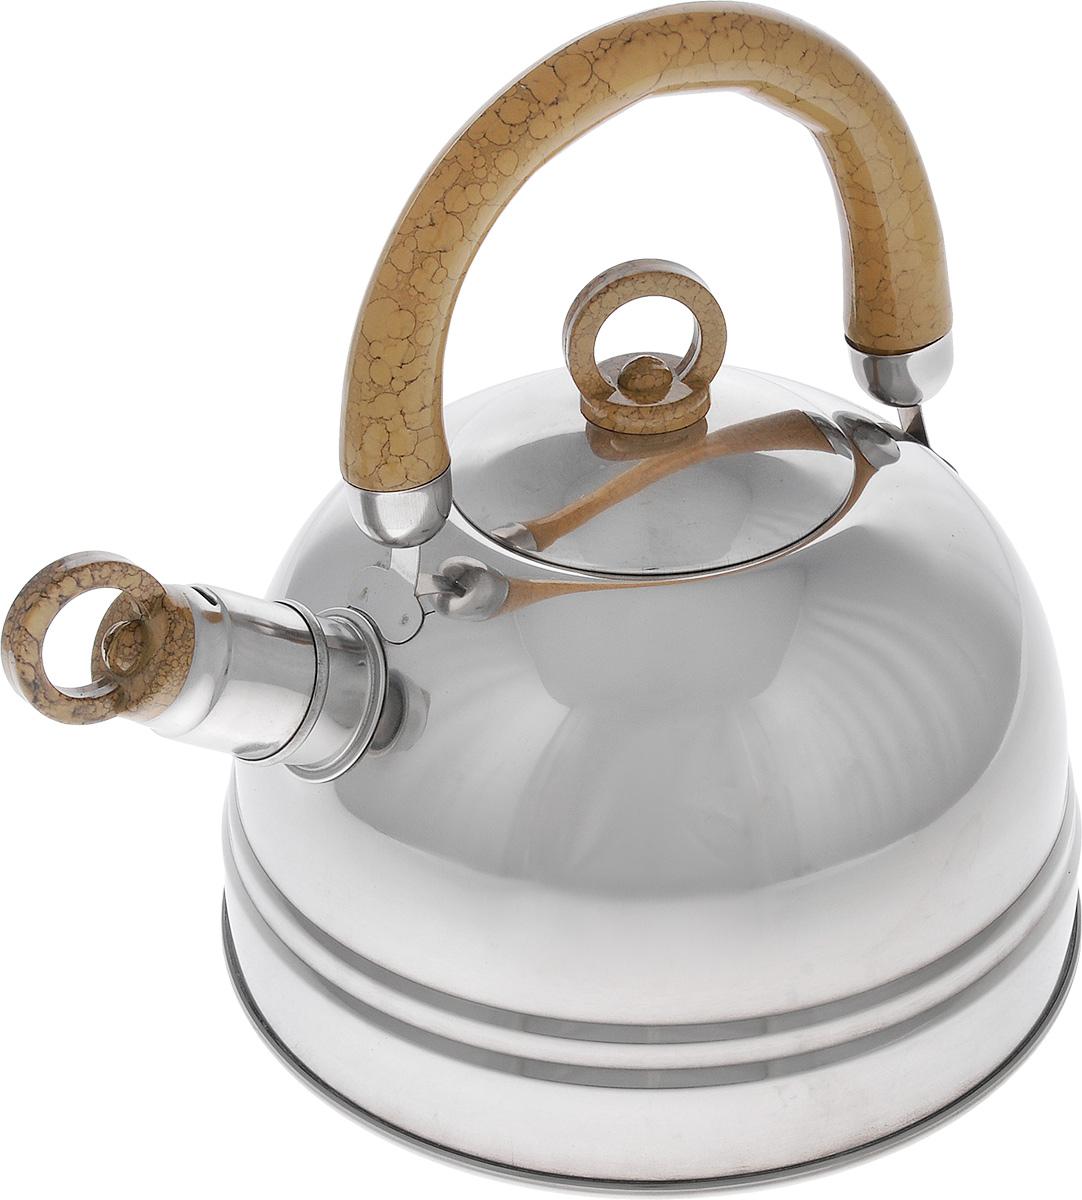 Чайник Bekker Koch, со свистком, цвет: светло-коричневый, 2,5 л. BK-S367MBK-S367М_светло-коричневыйЧайник Bekker Koch изготовлен из высококачественной нержавеющей стали с зеркальной полировкой. Капсулированное дно распределяет тепло по всей поверхности, что позволяет чайнику быстро закипать. Эргономичная подвижная ручка выполнена из бакелита оригинального дизайна. Носик оснащен съемным свистком, который подскажет, когда вода закипела. Можно мыть мыть в посудомоечной машине.Толщина стенок: 0,4 мм.Высота чайника (без учета ручки): 12 см. Высота чайника (с учетом ручки): 22,5 см.